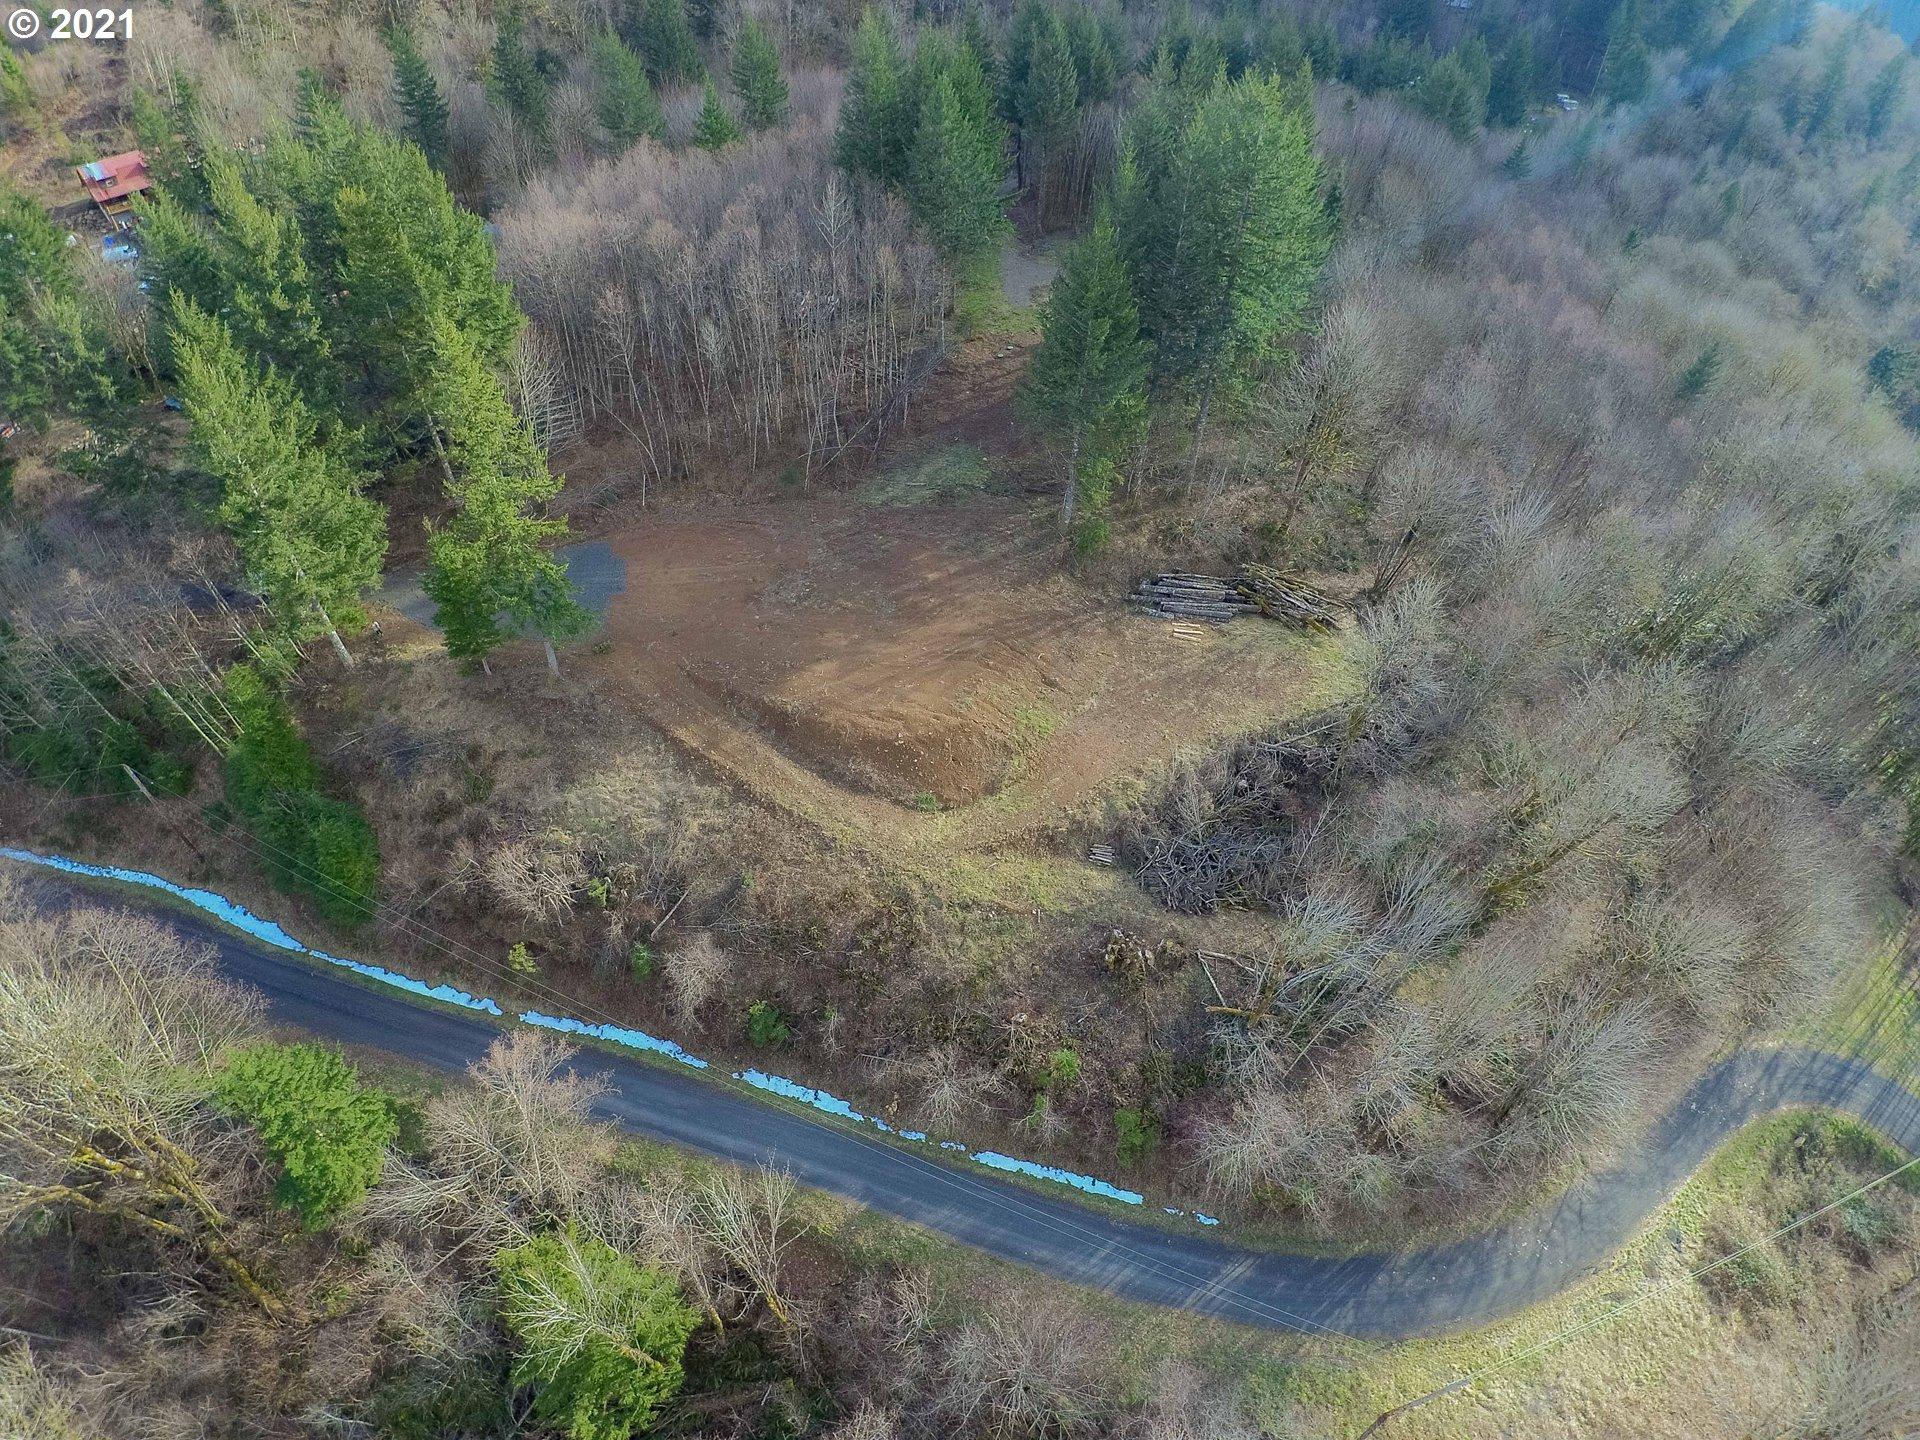 1141 CEDAR FALLS RD, Washougal, Washington 98671, ,Lots And Land,For Sale,1141 CEDAR FALLS RD,21644717